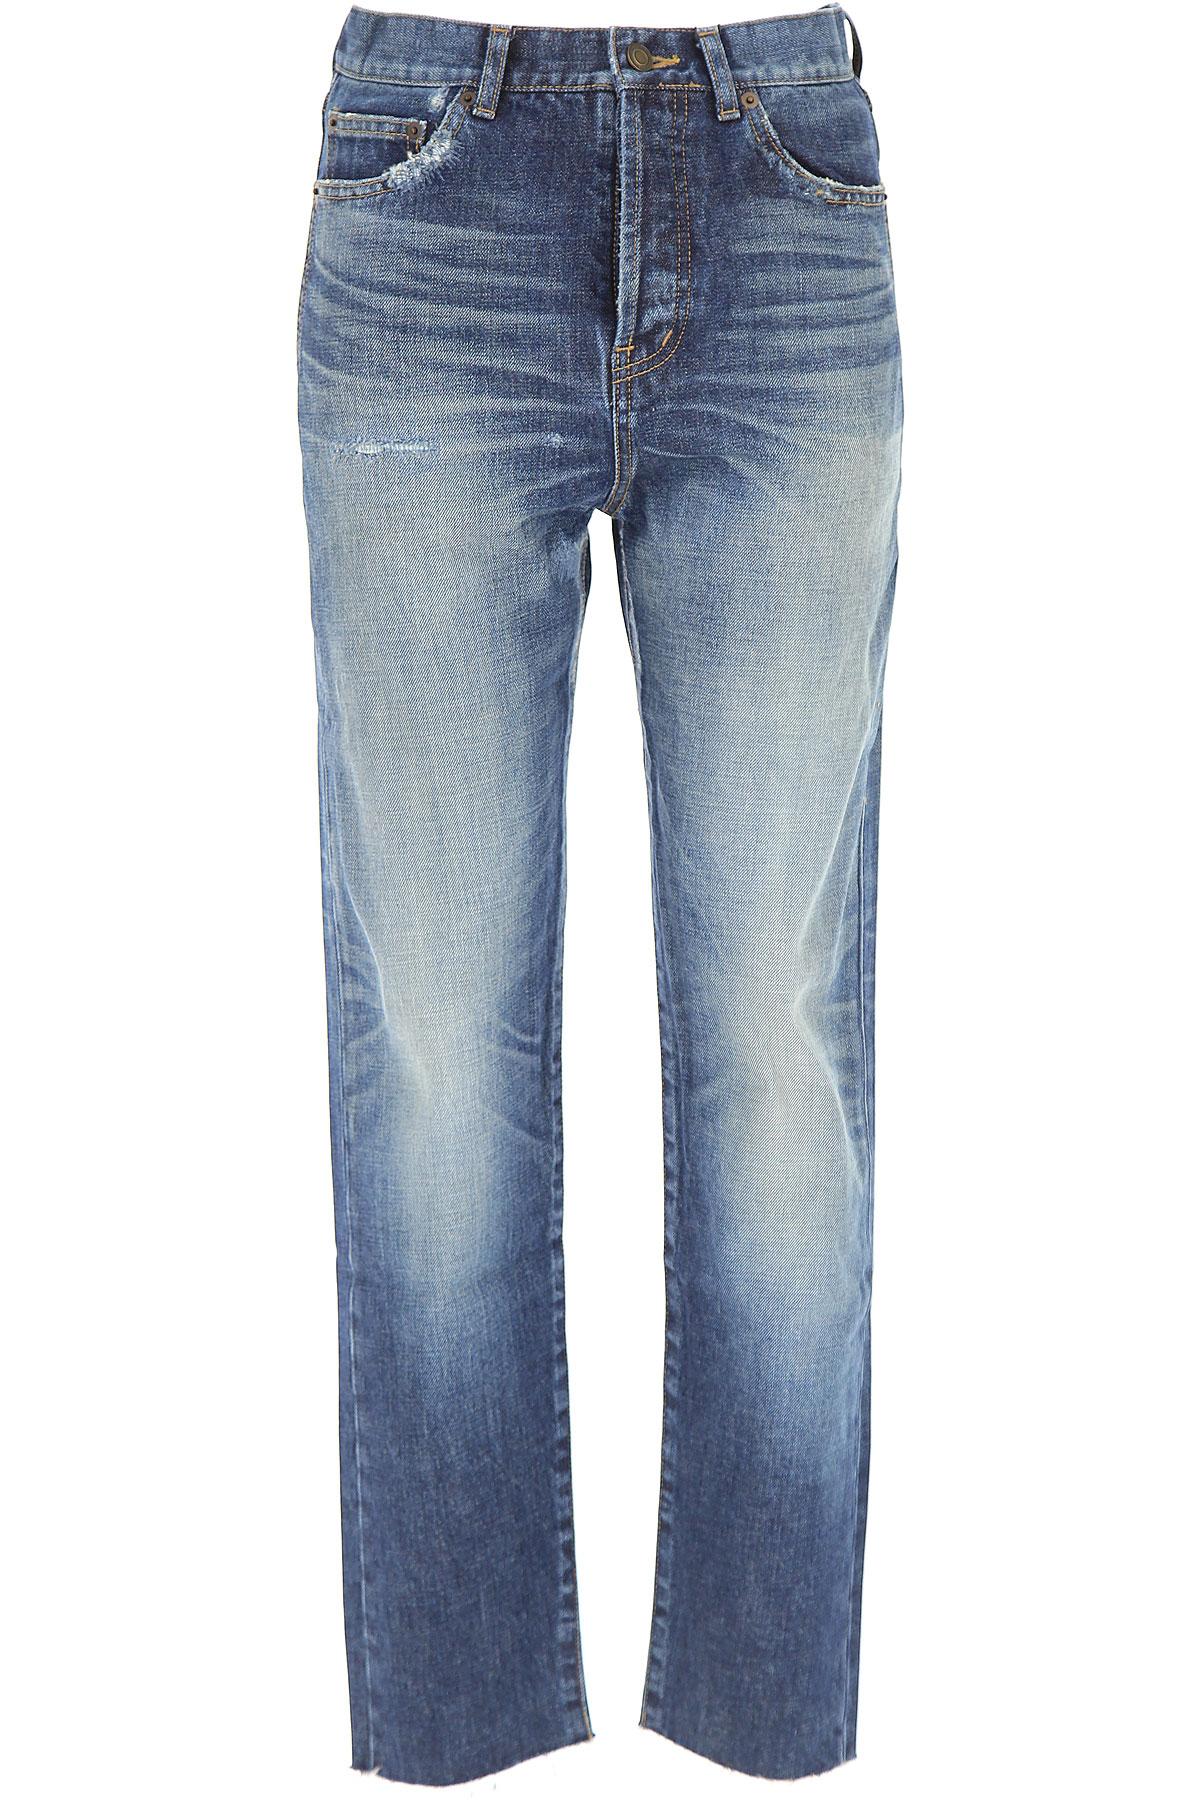 Yves Saint Laurent Jeans On Sale, Denim, Cotton, 2017, 25 26 27 28